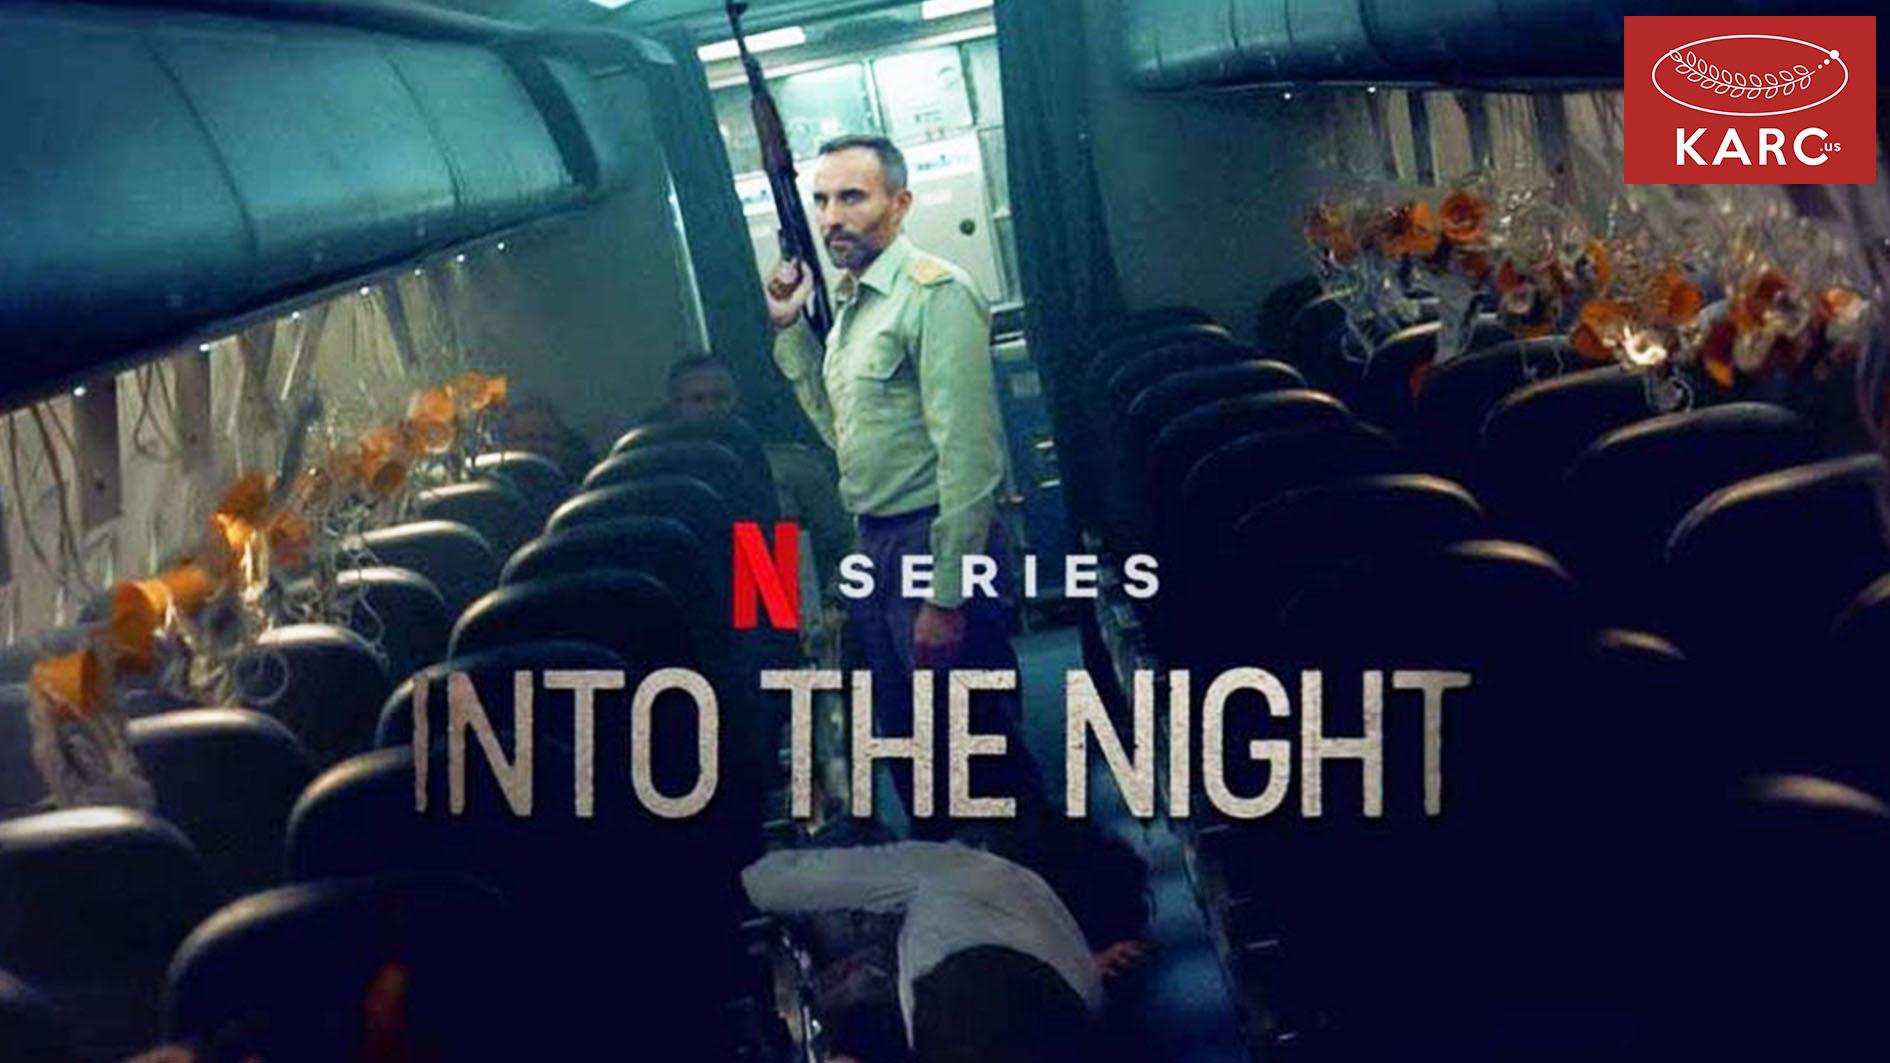 รีวิวซีรีส์ Netflix : Into The Night กระโจนหาความมืดมิดหนีแสงอาทิตย์ที่จะมาล้างโลก karc.us , วงการภาพยนต์ , แนะนำหนังดี , แนะนำหนังน่าดูหนังน่าดู , รีวิวหนังใหม่ , ก่อนตายต้องได้ดู! , ข่าวดารา , ข่าวเด่นประเด็นร้อน , รีวิวหนังใหม่ , หนังดังในอดีต